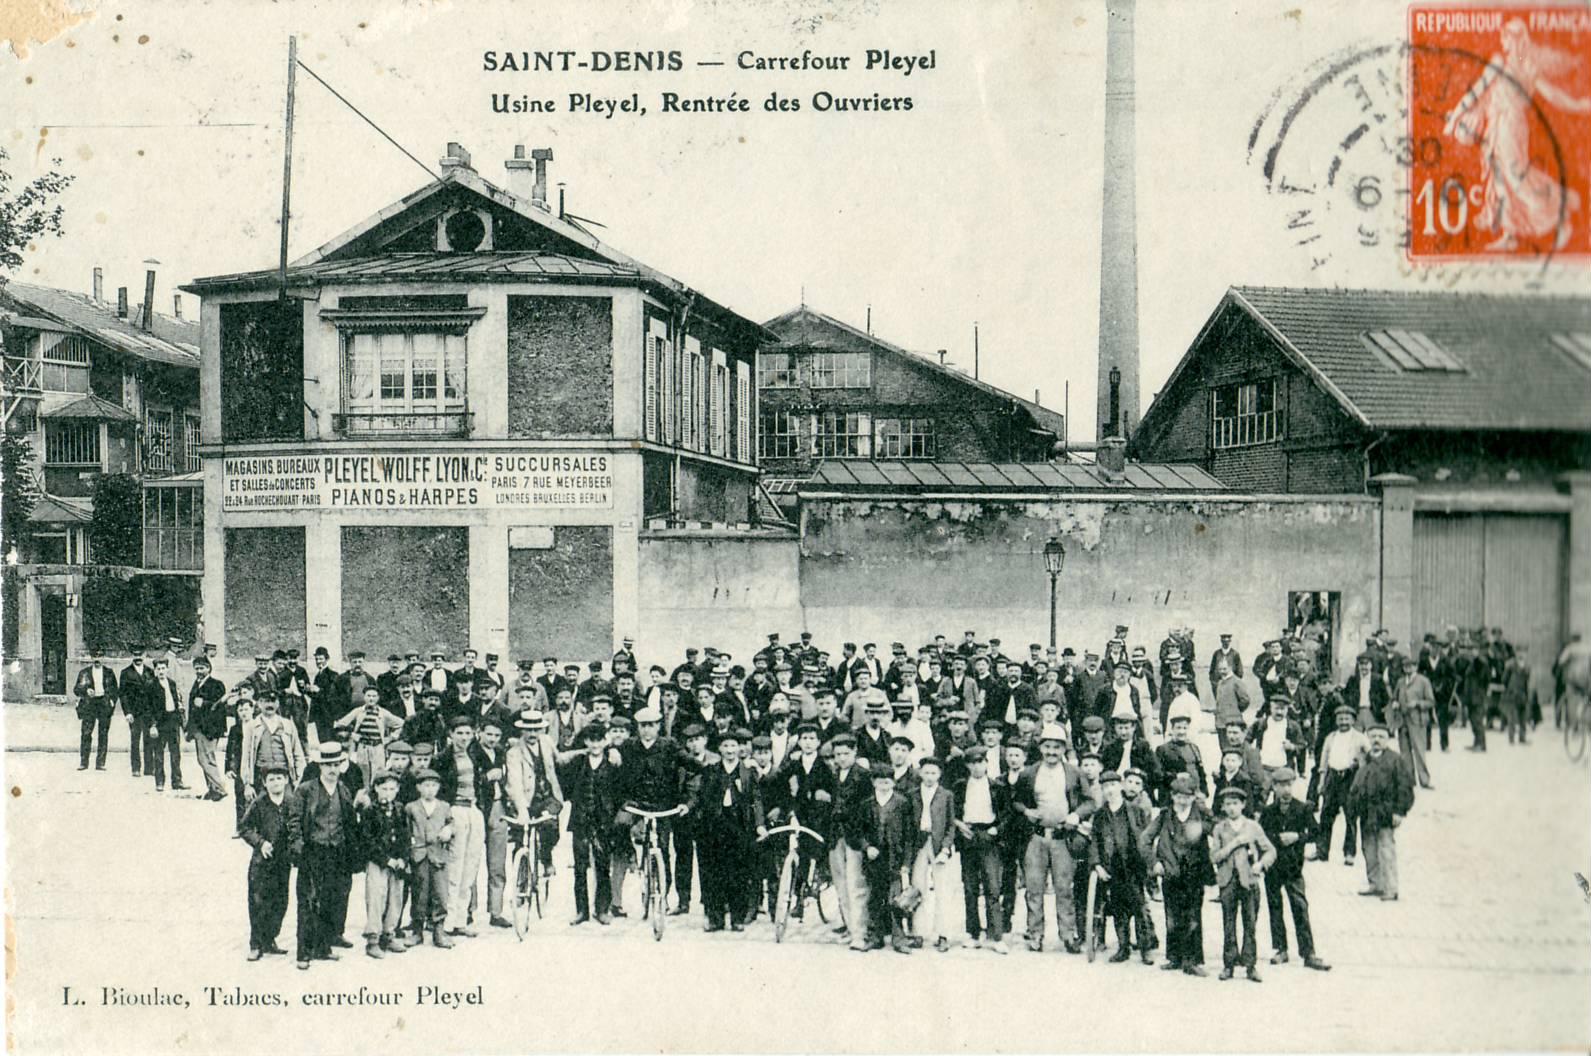 El Carrefour Pleyel, es hoy la financiera de Saint Denis, en aquella época tomó su nombre de la manufactura de pianos Pleyel, fundada en 1807.